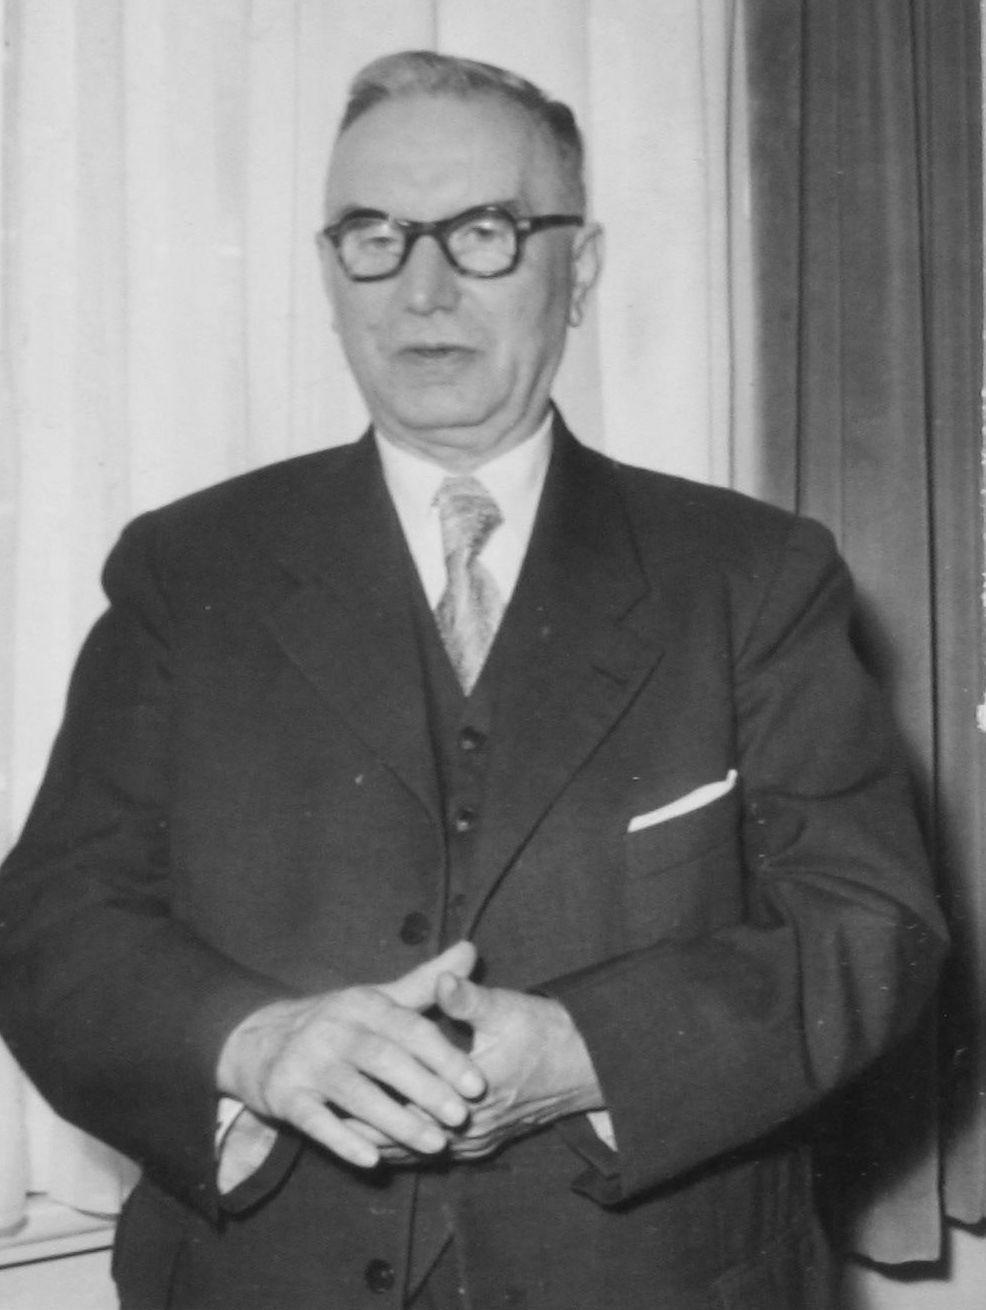 Oberbürgermeister Josef Dünnebacke (Foto: Stadtarchiv Recklinghausen)